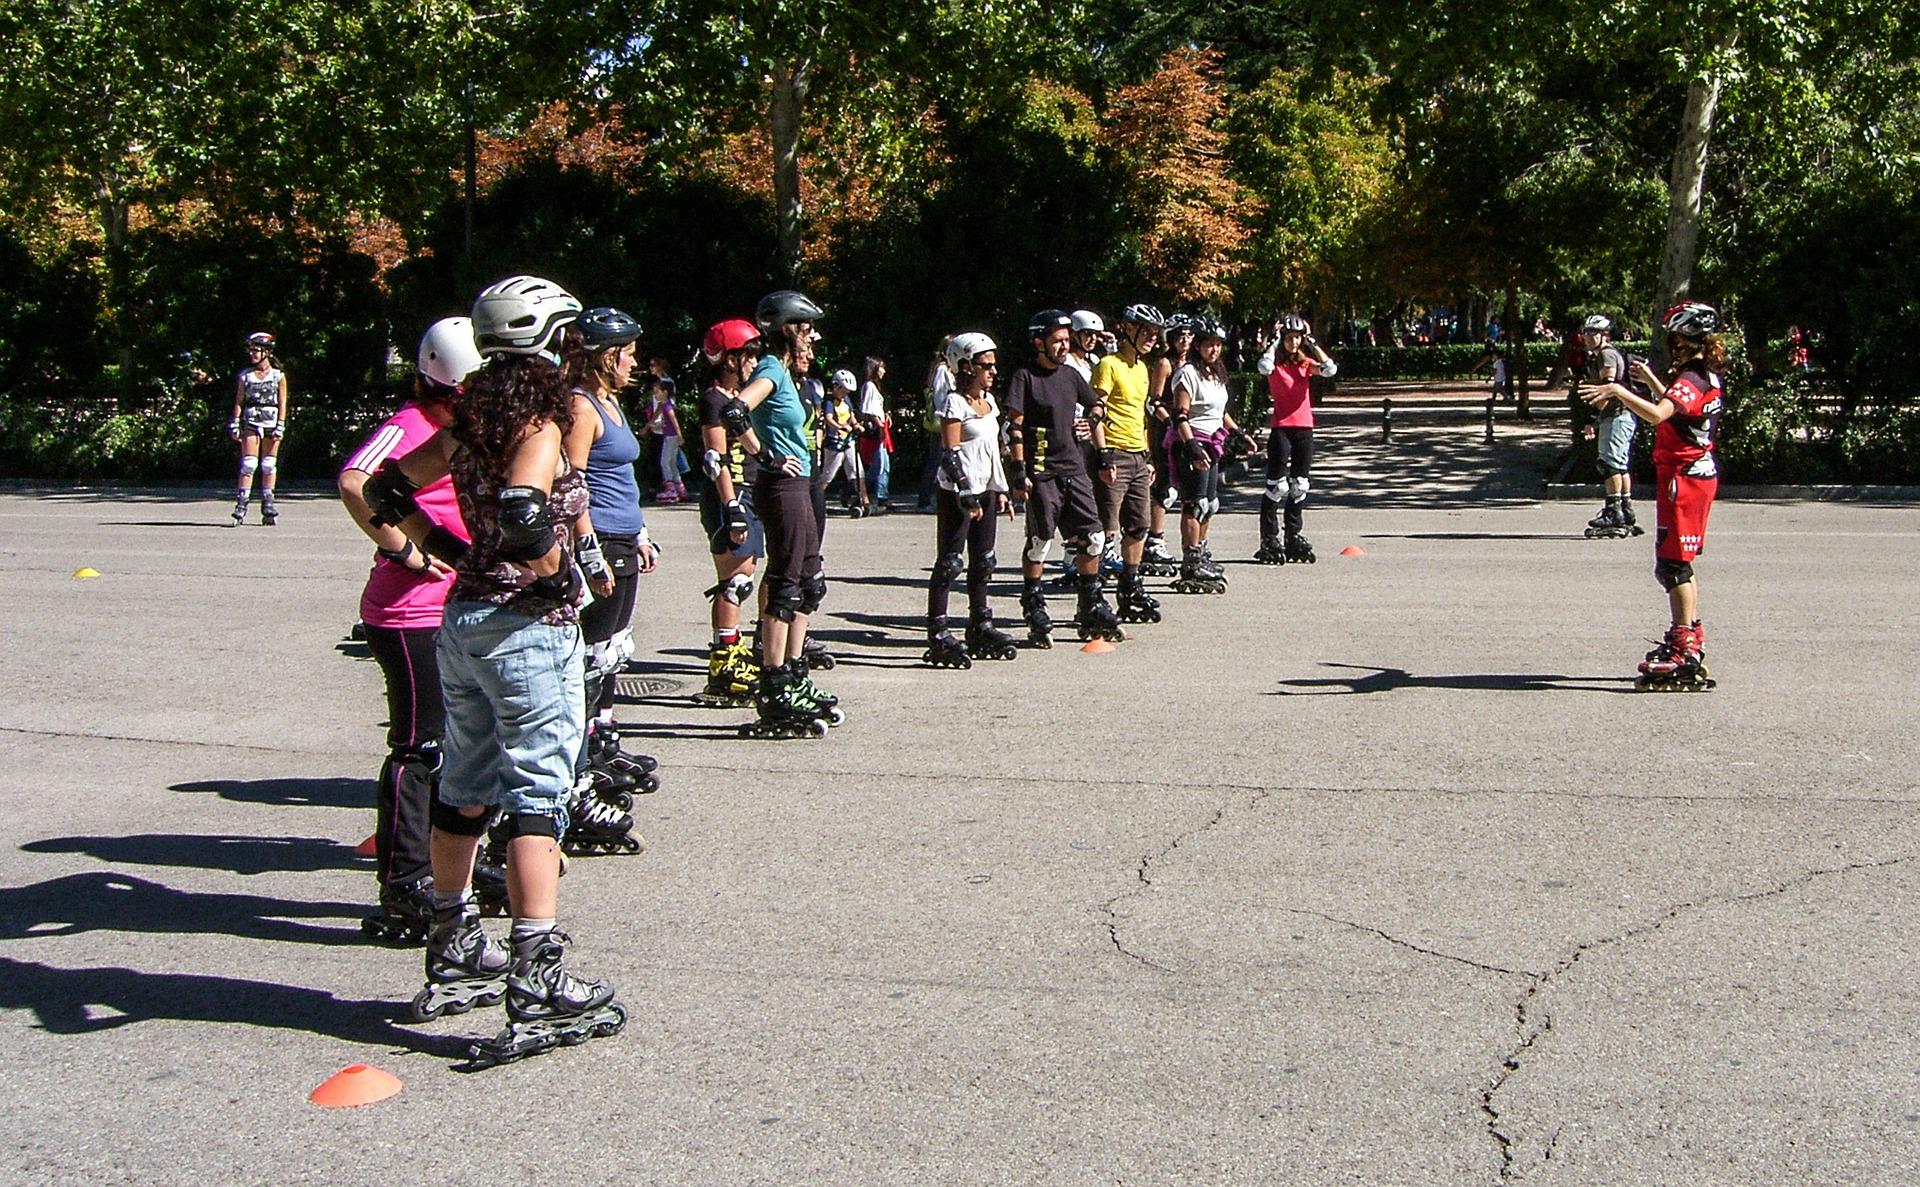 Clases de patinaje en el parque